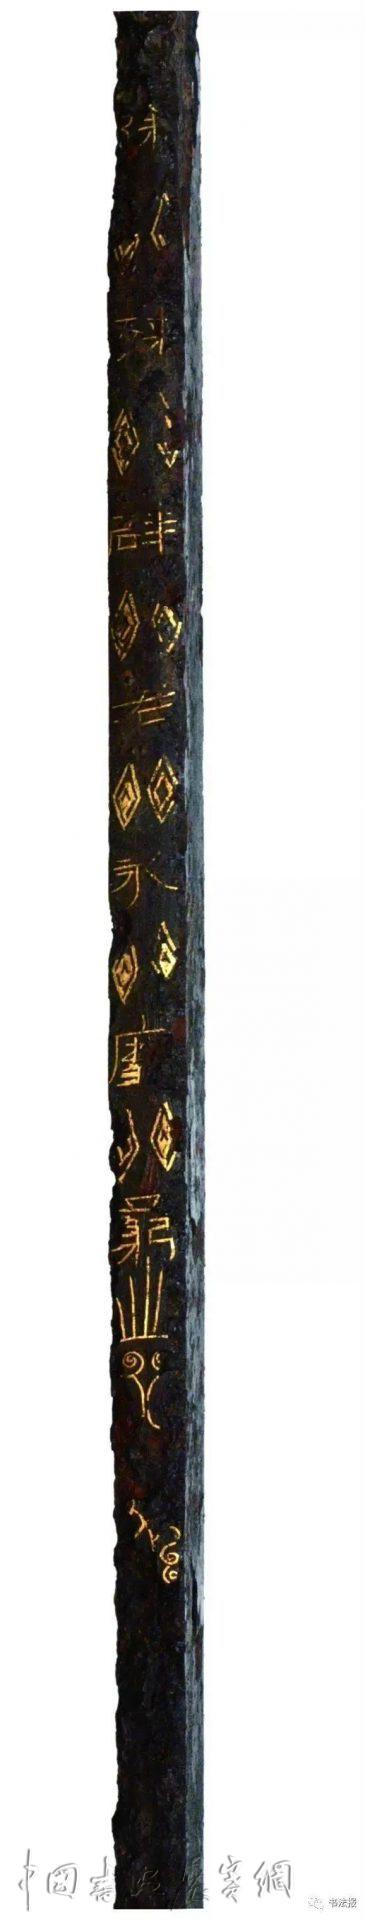 历代罕见刀剑铭文书法欣赏